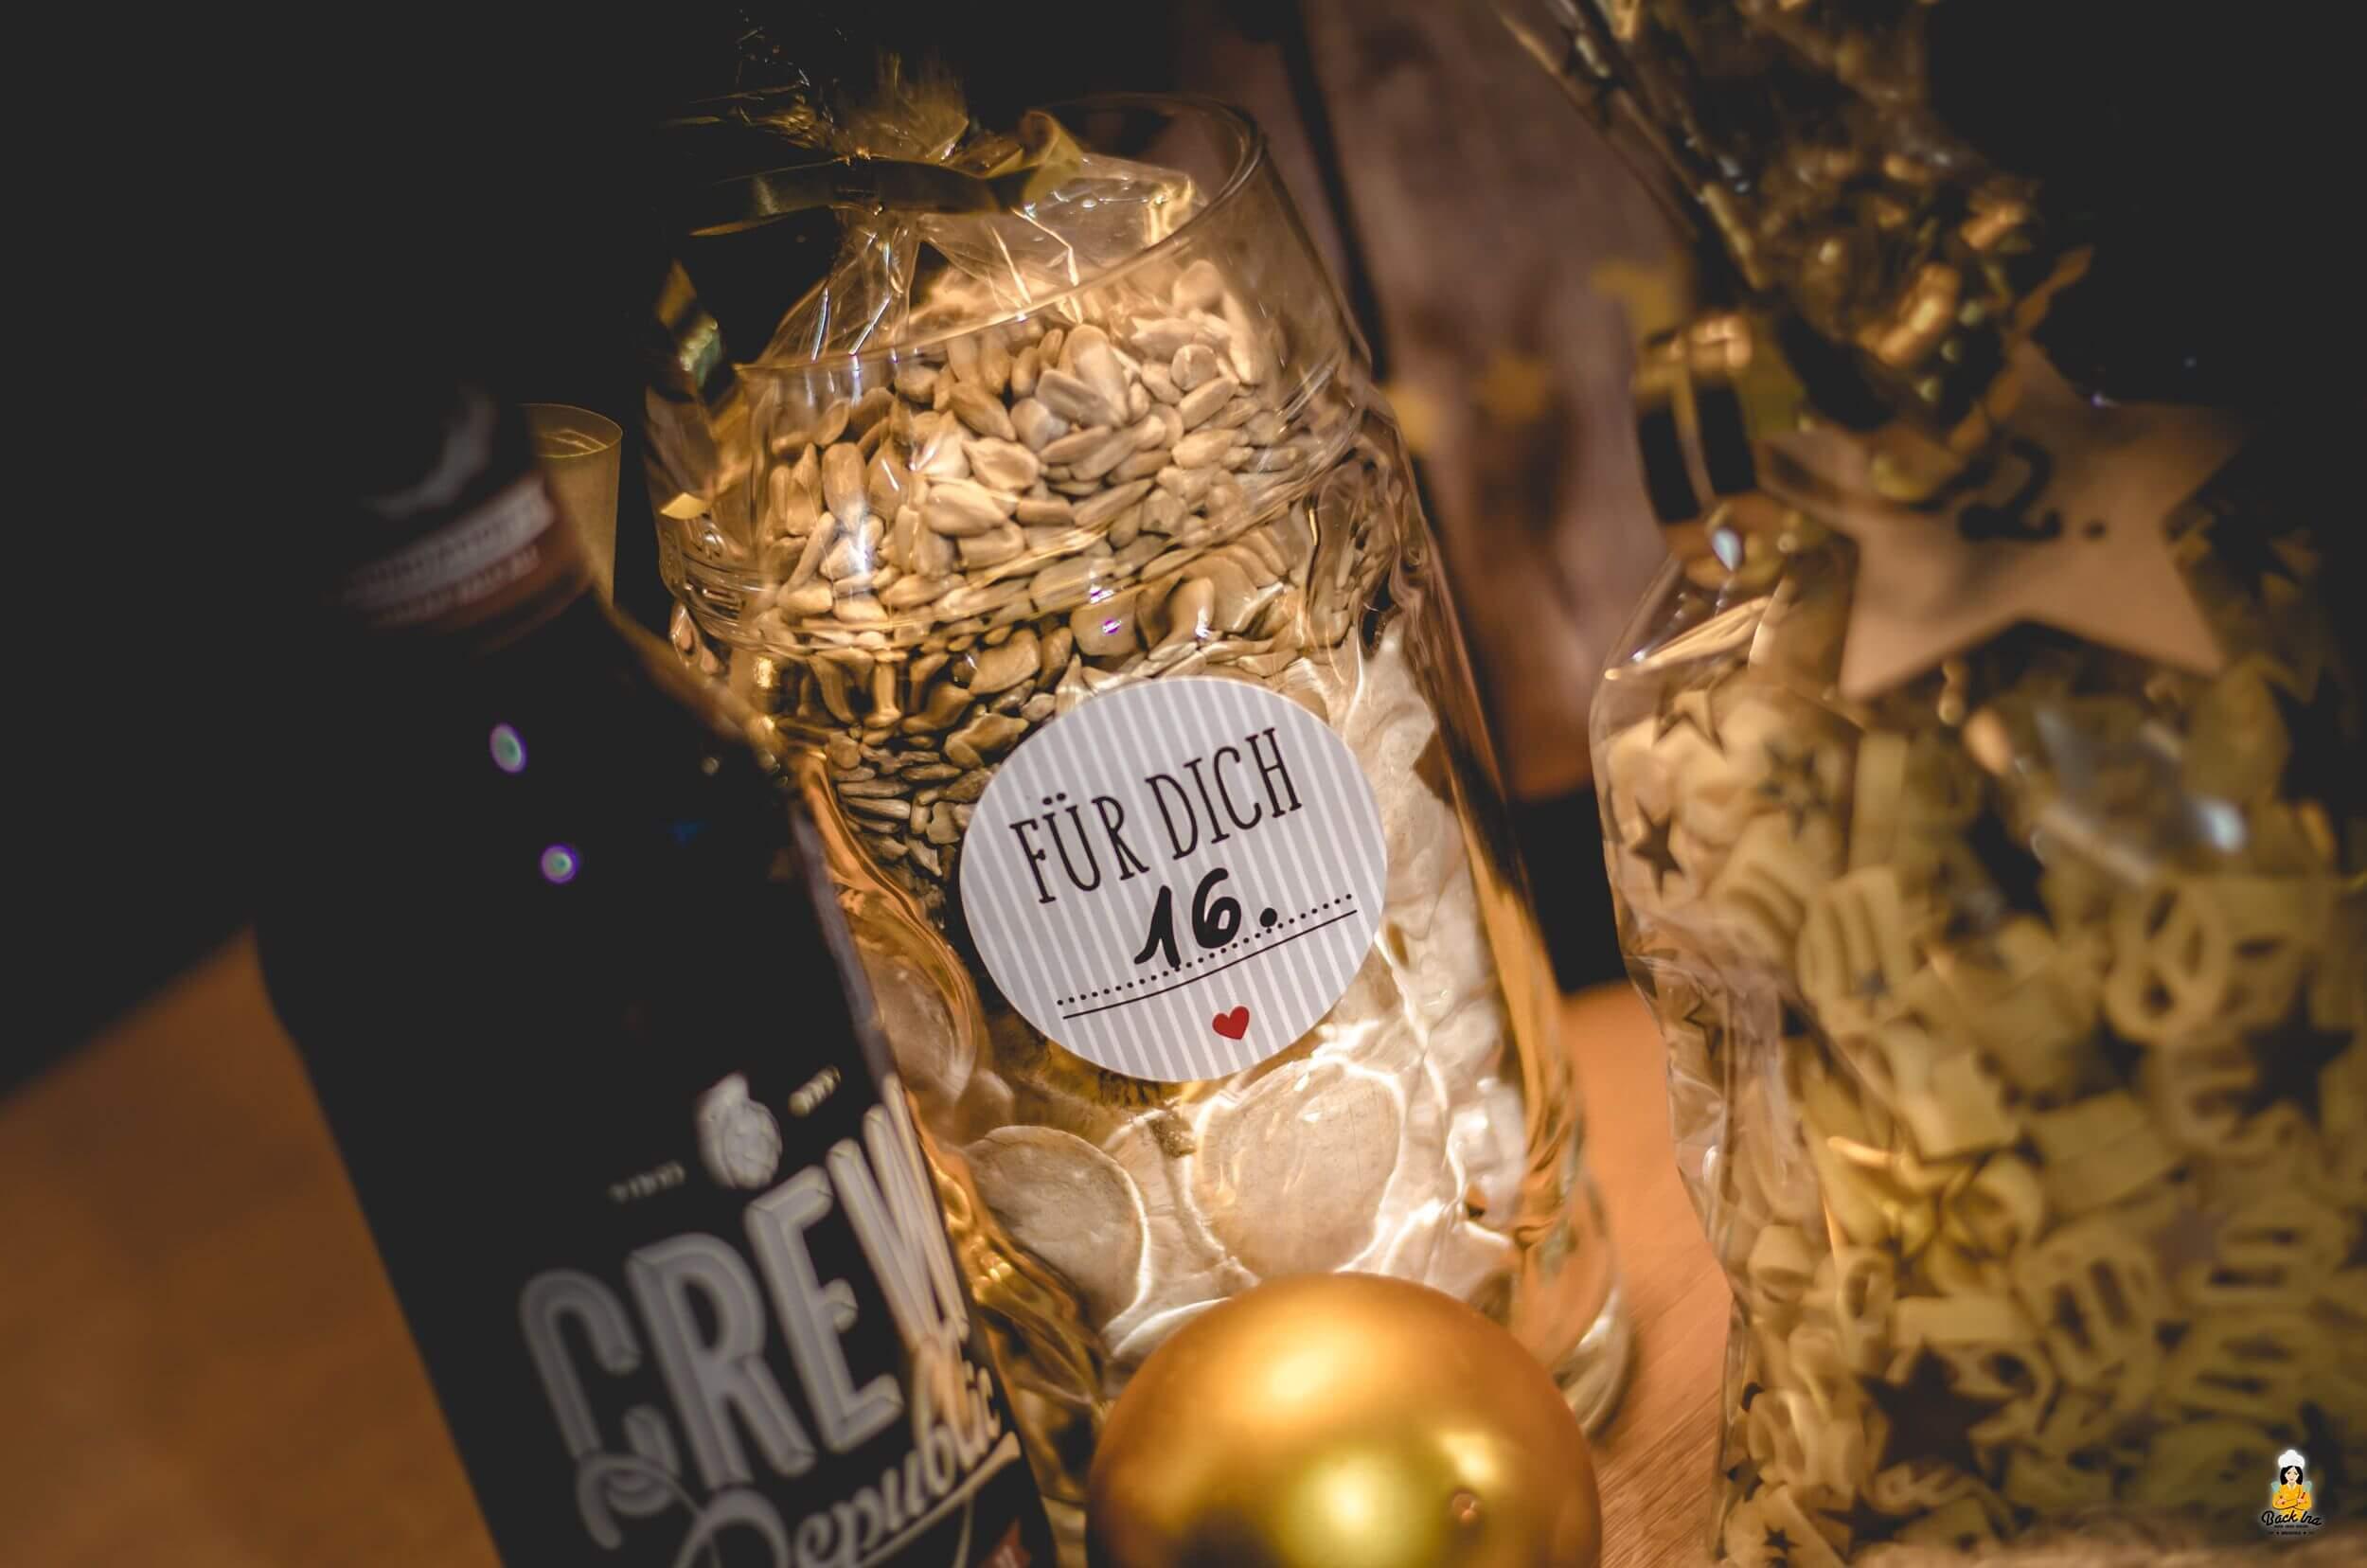 Backmischung für Bier-Brot als Geschenk aus der Küche